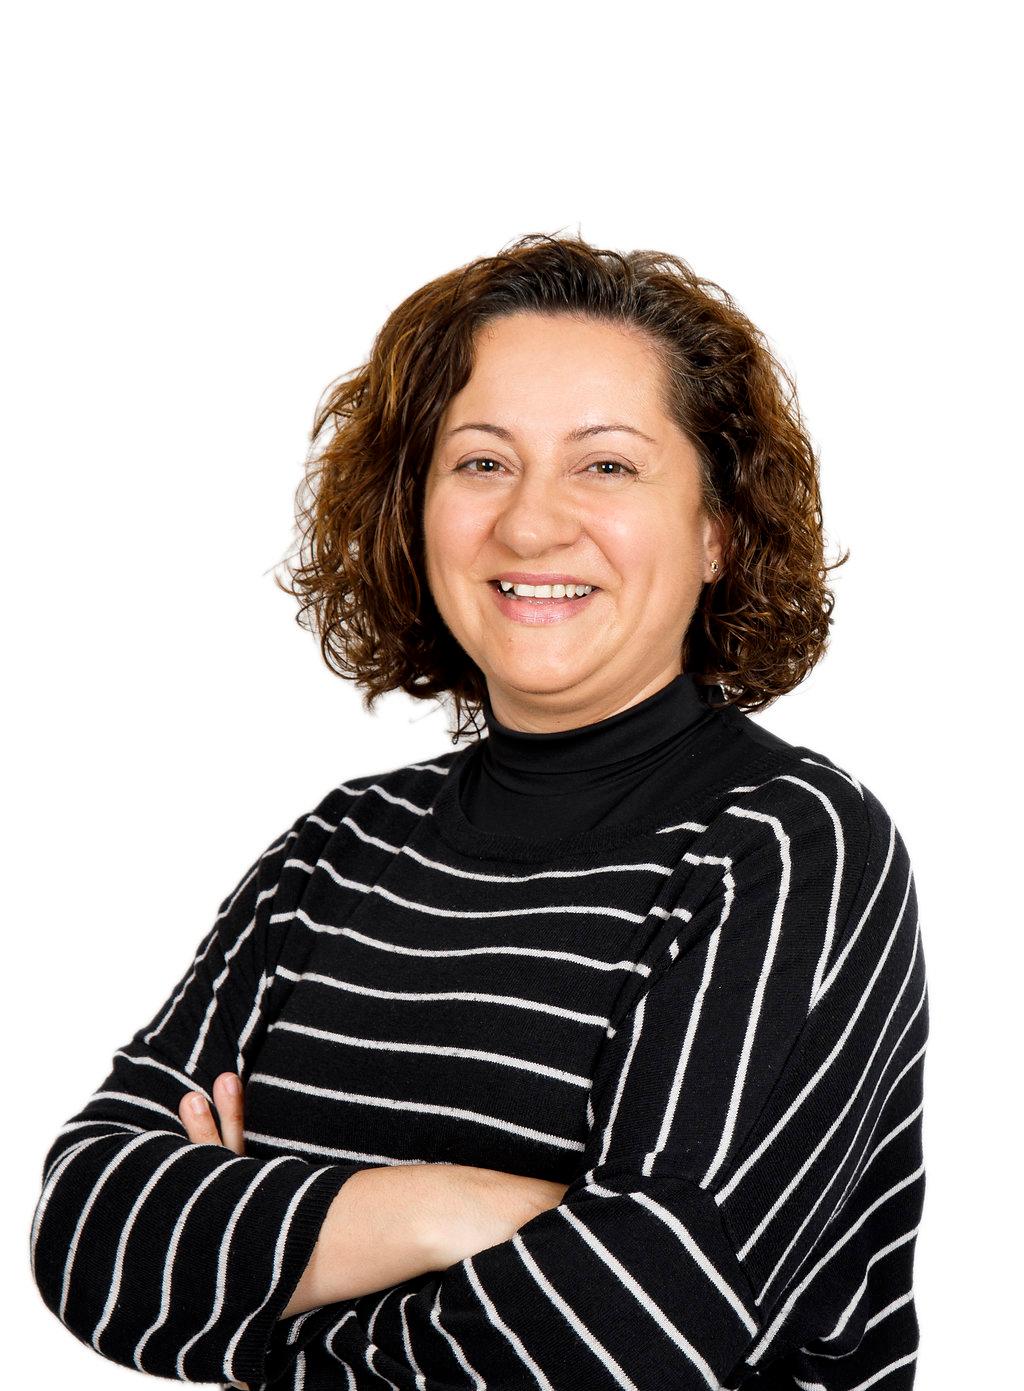 Joana Mut